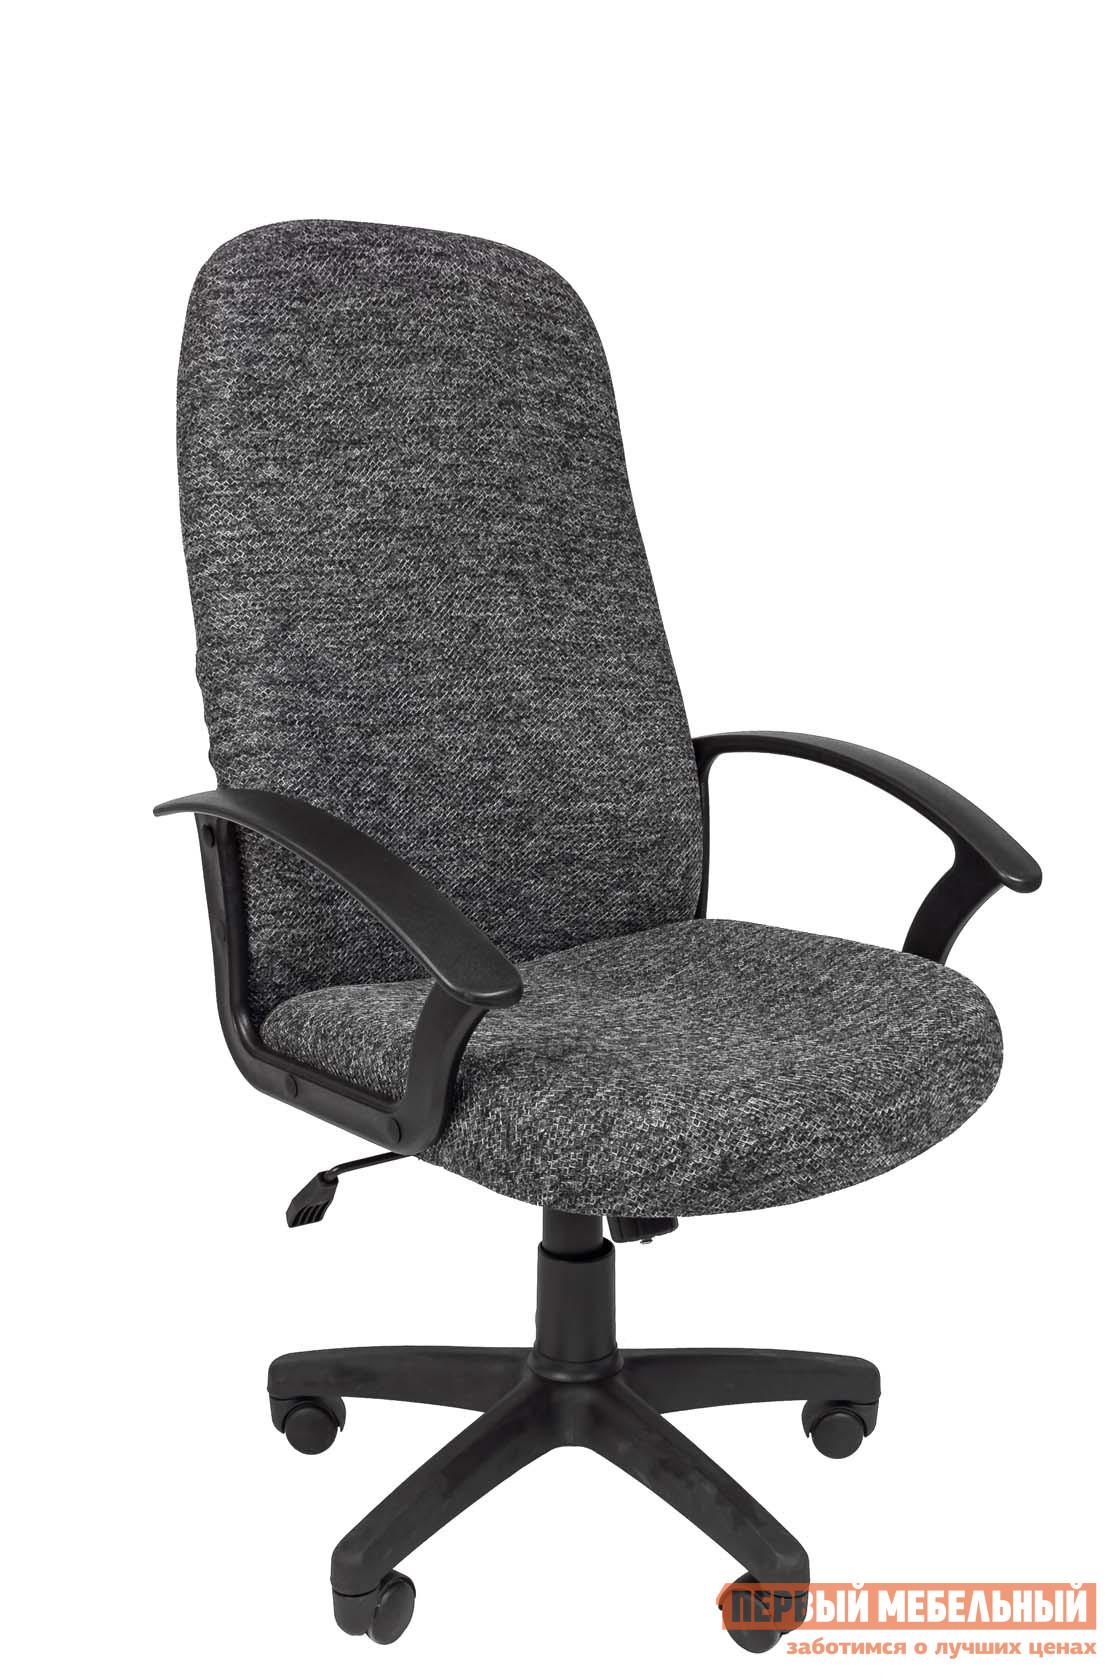 Офисное кресло Русские кресла РК 189 TW / РК 189 SY офисное кресло русские кресла рк 127 tw рк 127 sy рк 127 s